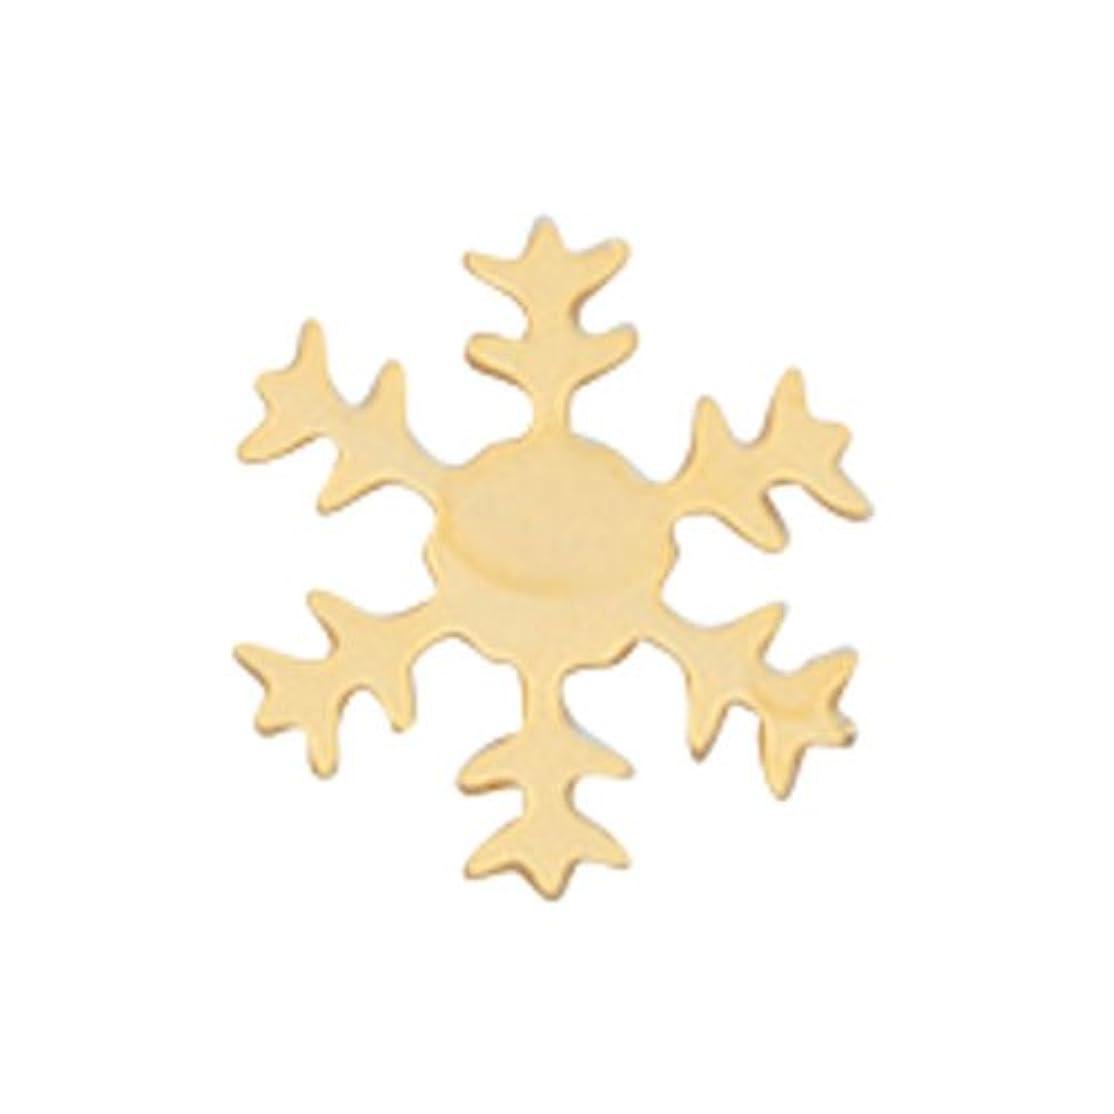 司書組み込むハウスリトルプリティー ネイルアートパーツ スノーフレーク SS ゴールド 10個